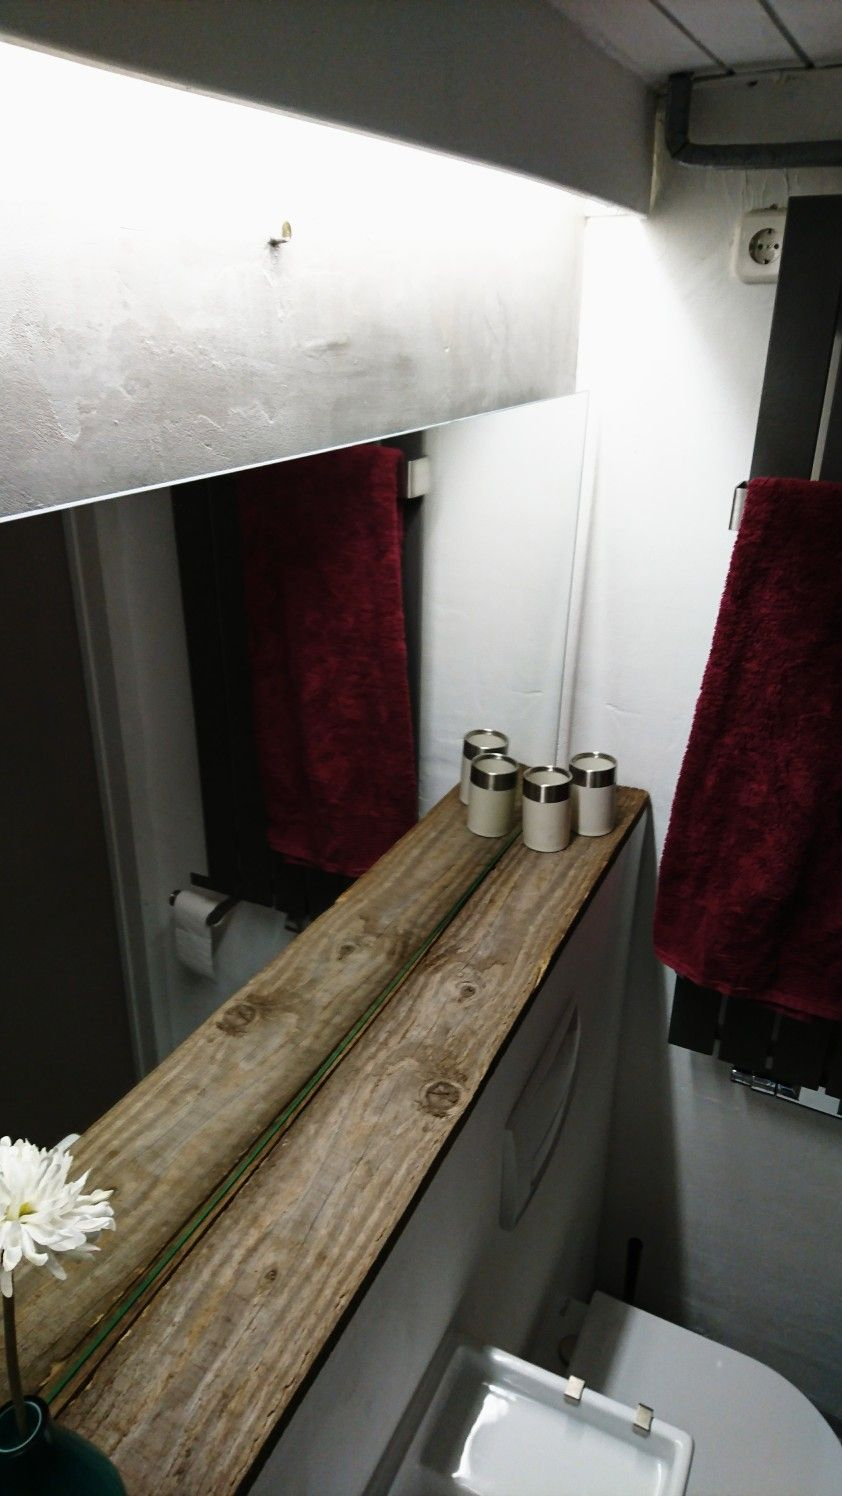 Die Kombination Aus Sagerauem Douglasienholz Als Ablage Unter Dem Spiegel Sowie Dem Flachigem Spiegel Und Der Verspachtelter Architekt Douglasie Holz Betonwand